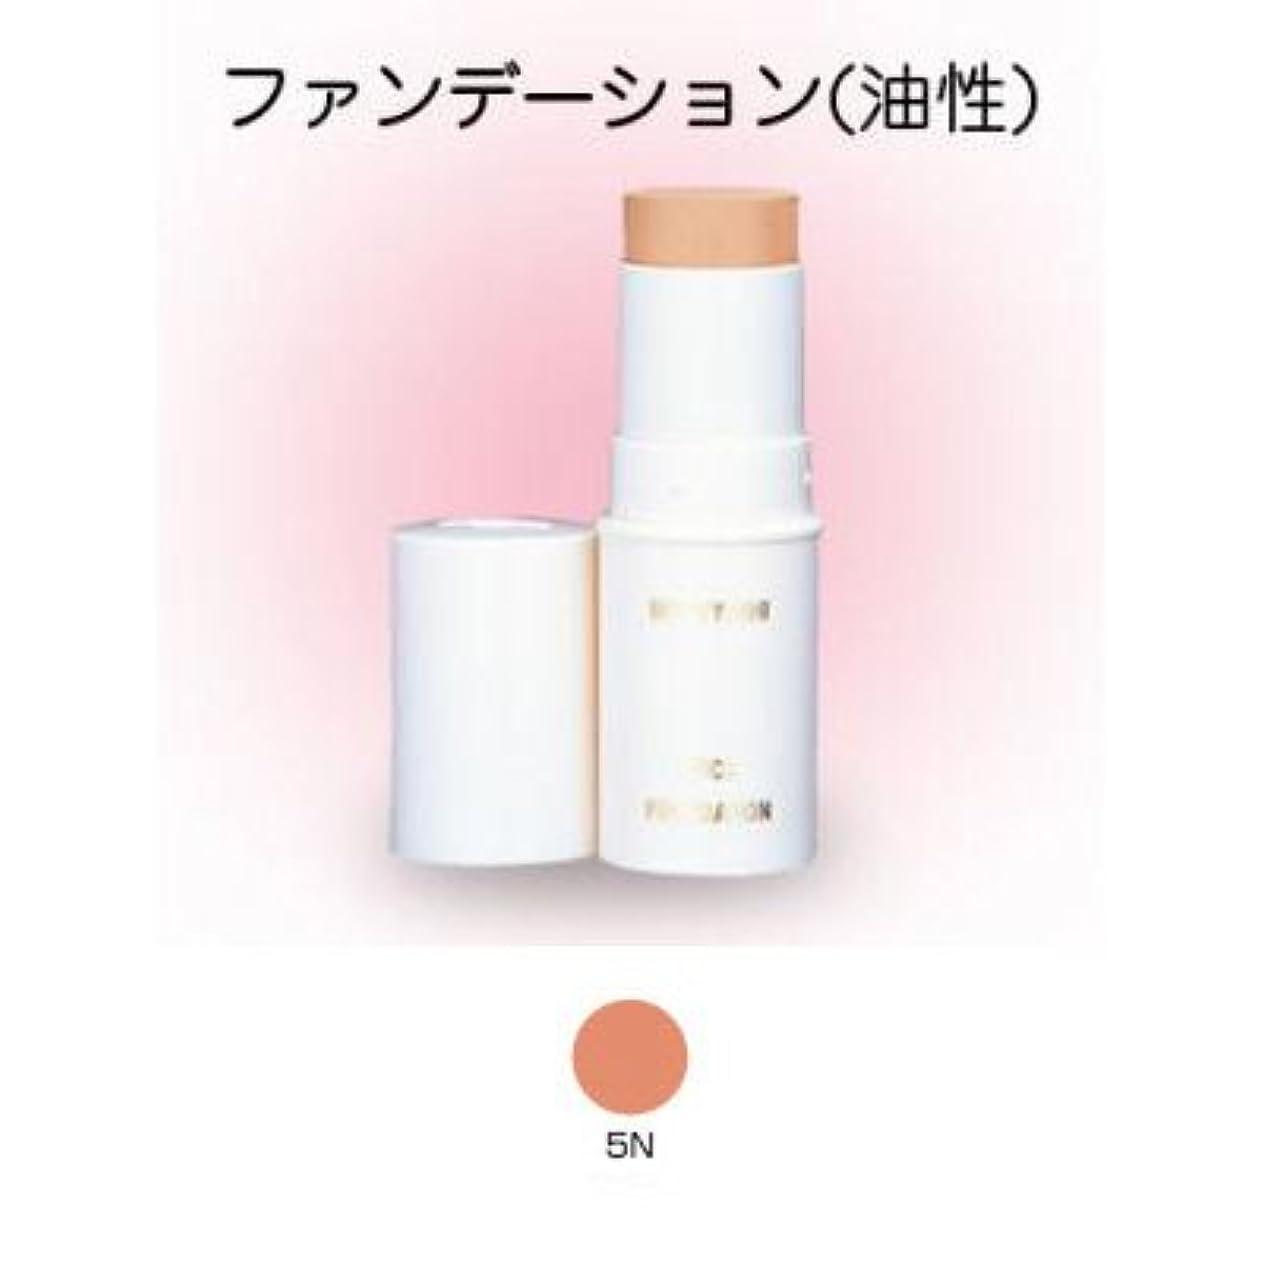 礼拝データム知り合いスティックファンデーション 16g 5N 【三善】